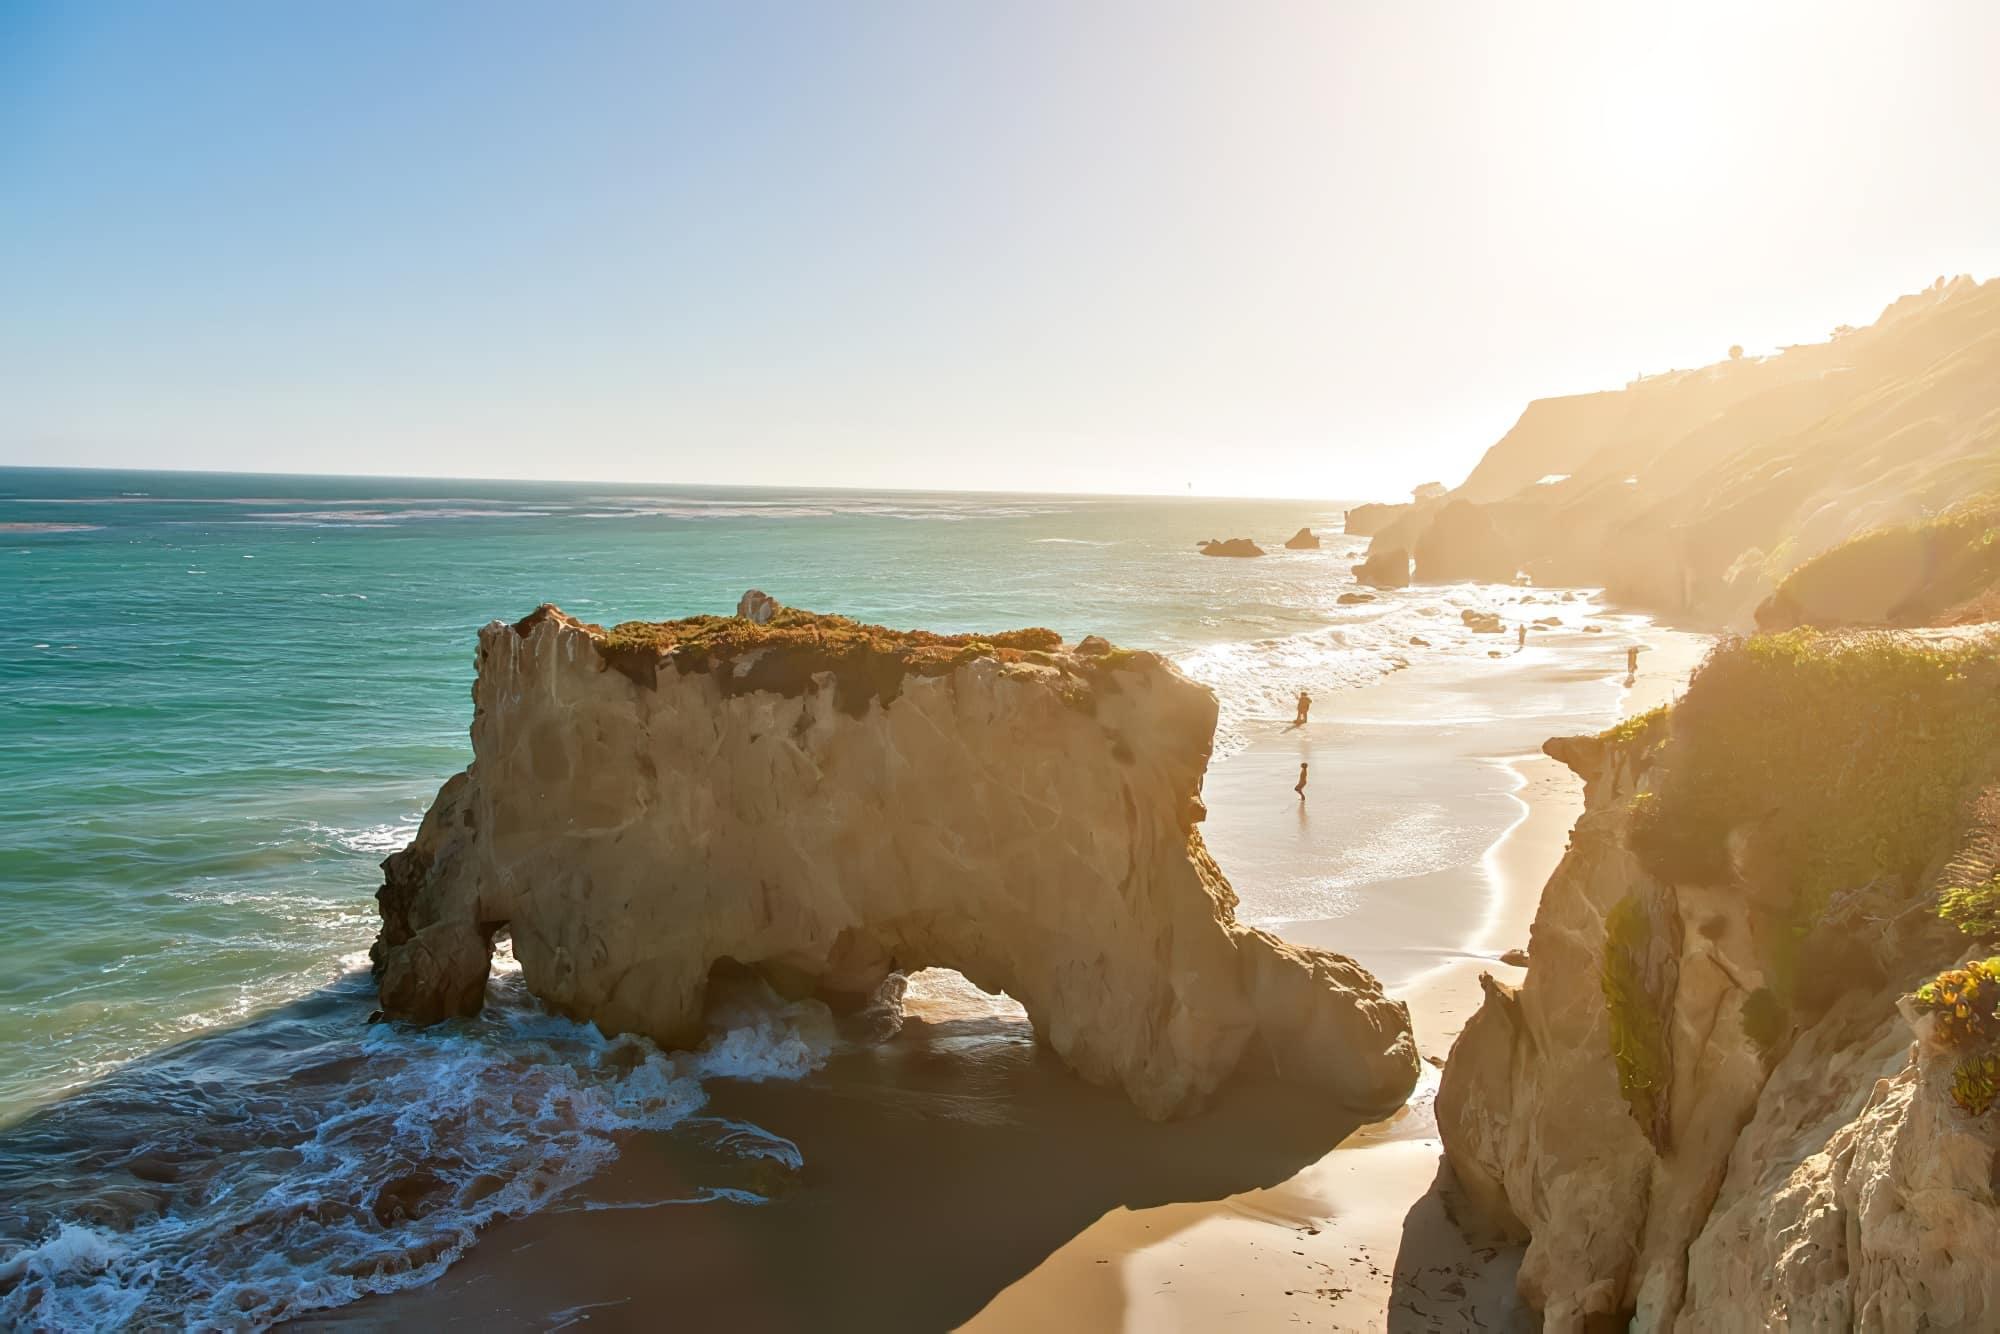 Les 16 meilleurs spots de surf à travers le monde